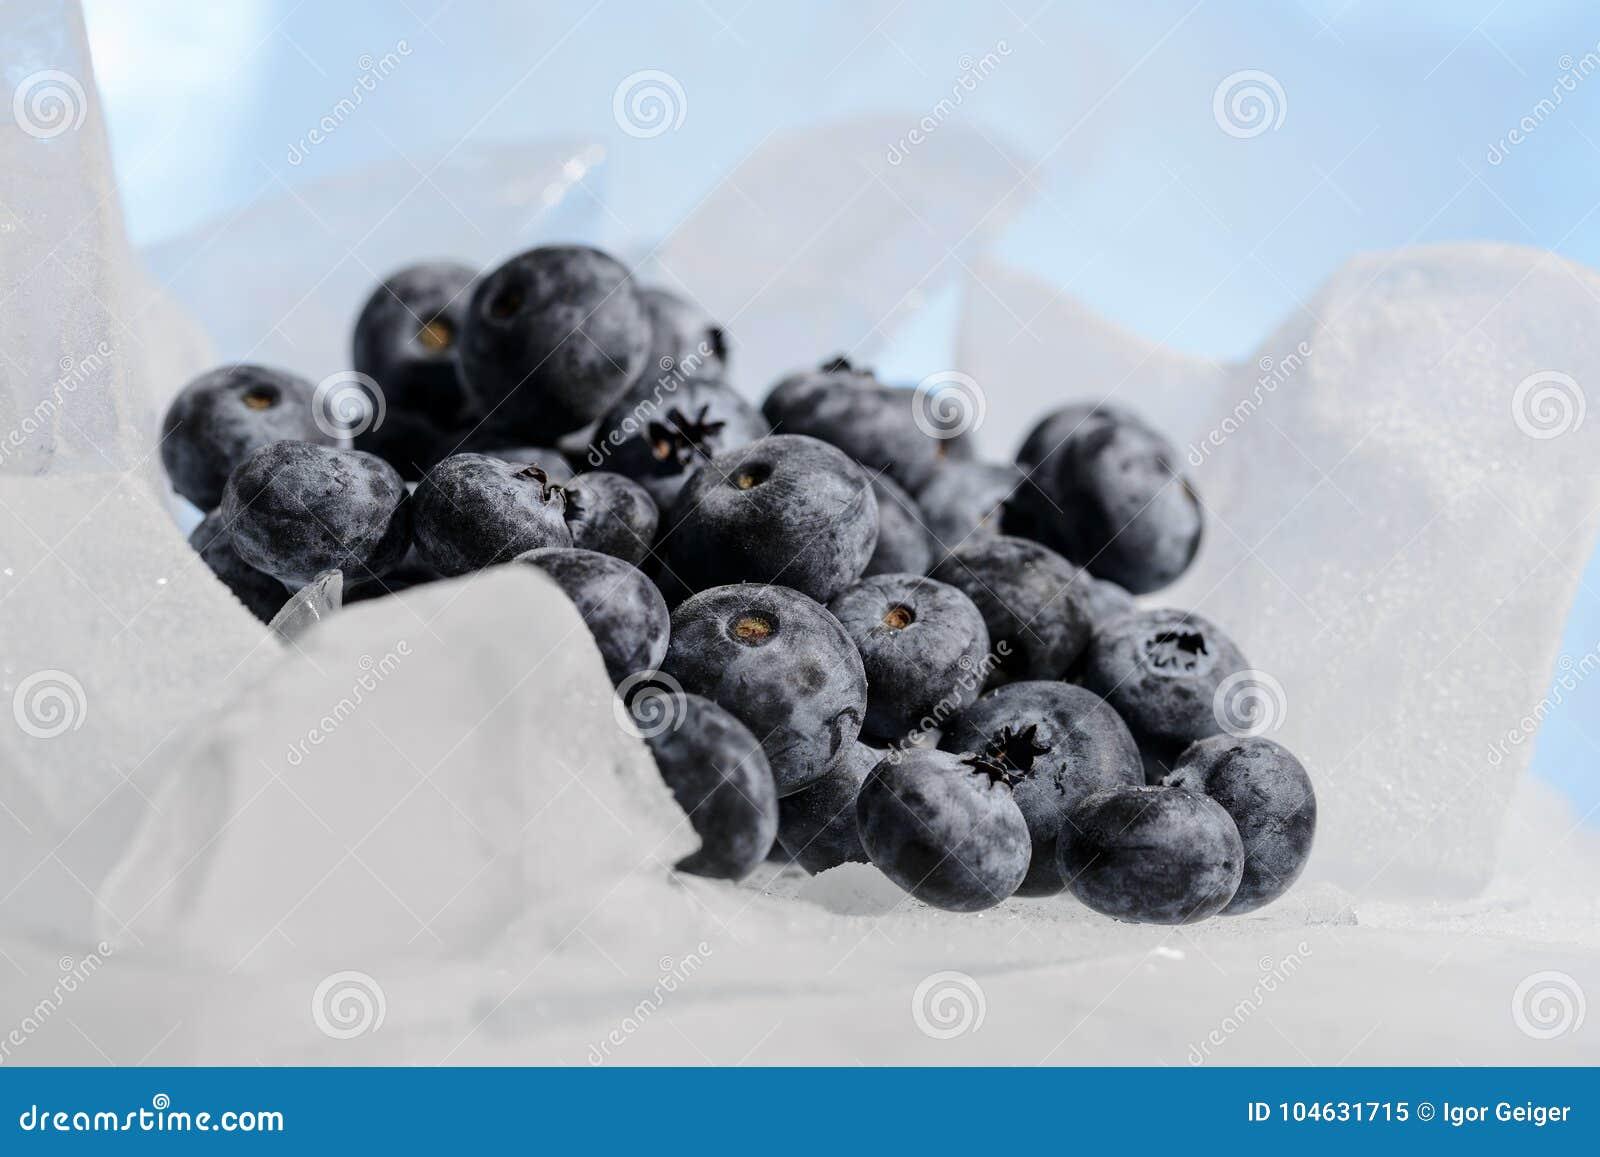 Download De Verse Bosbessen Zijn Bevroren Op Koud Blauw Ijs Stock Afbeelding - Afbeelding bestaande uit zijn, voeding: 104631715